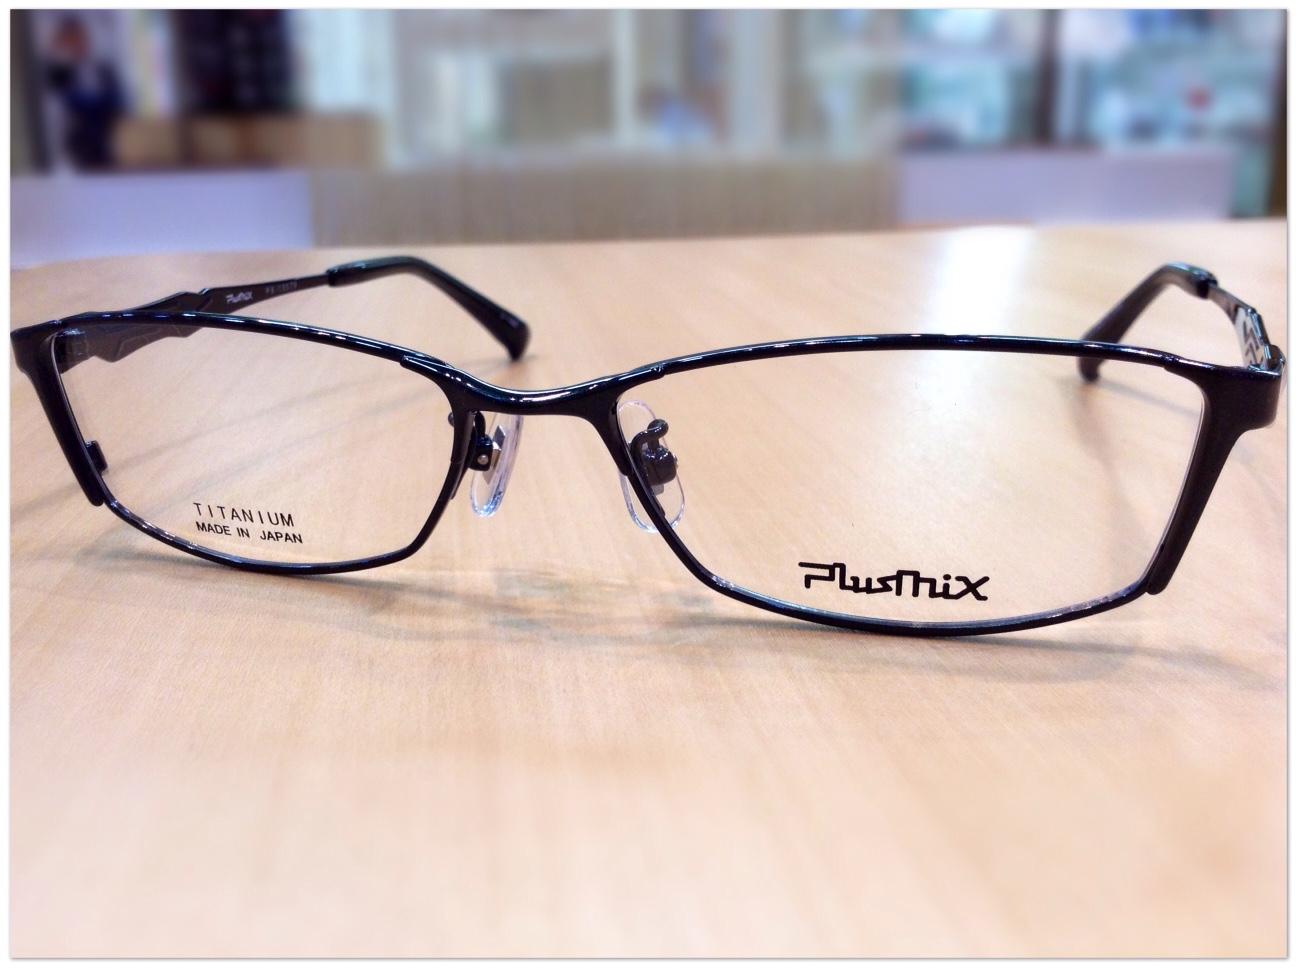 プラスミックス 品番:PX-13579 カラー:165 レンズサイズ:54ミリ